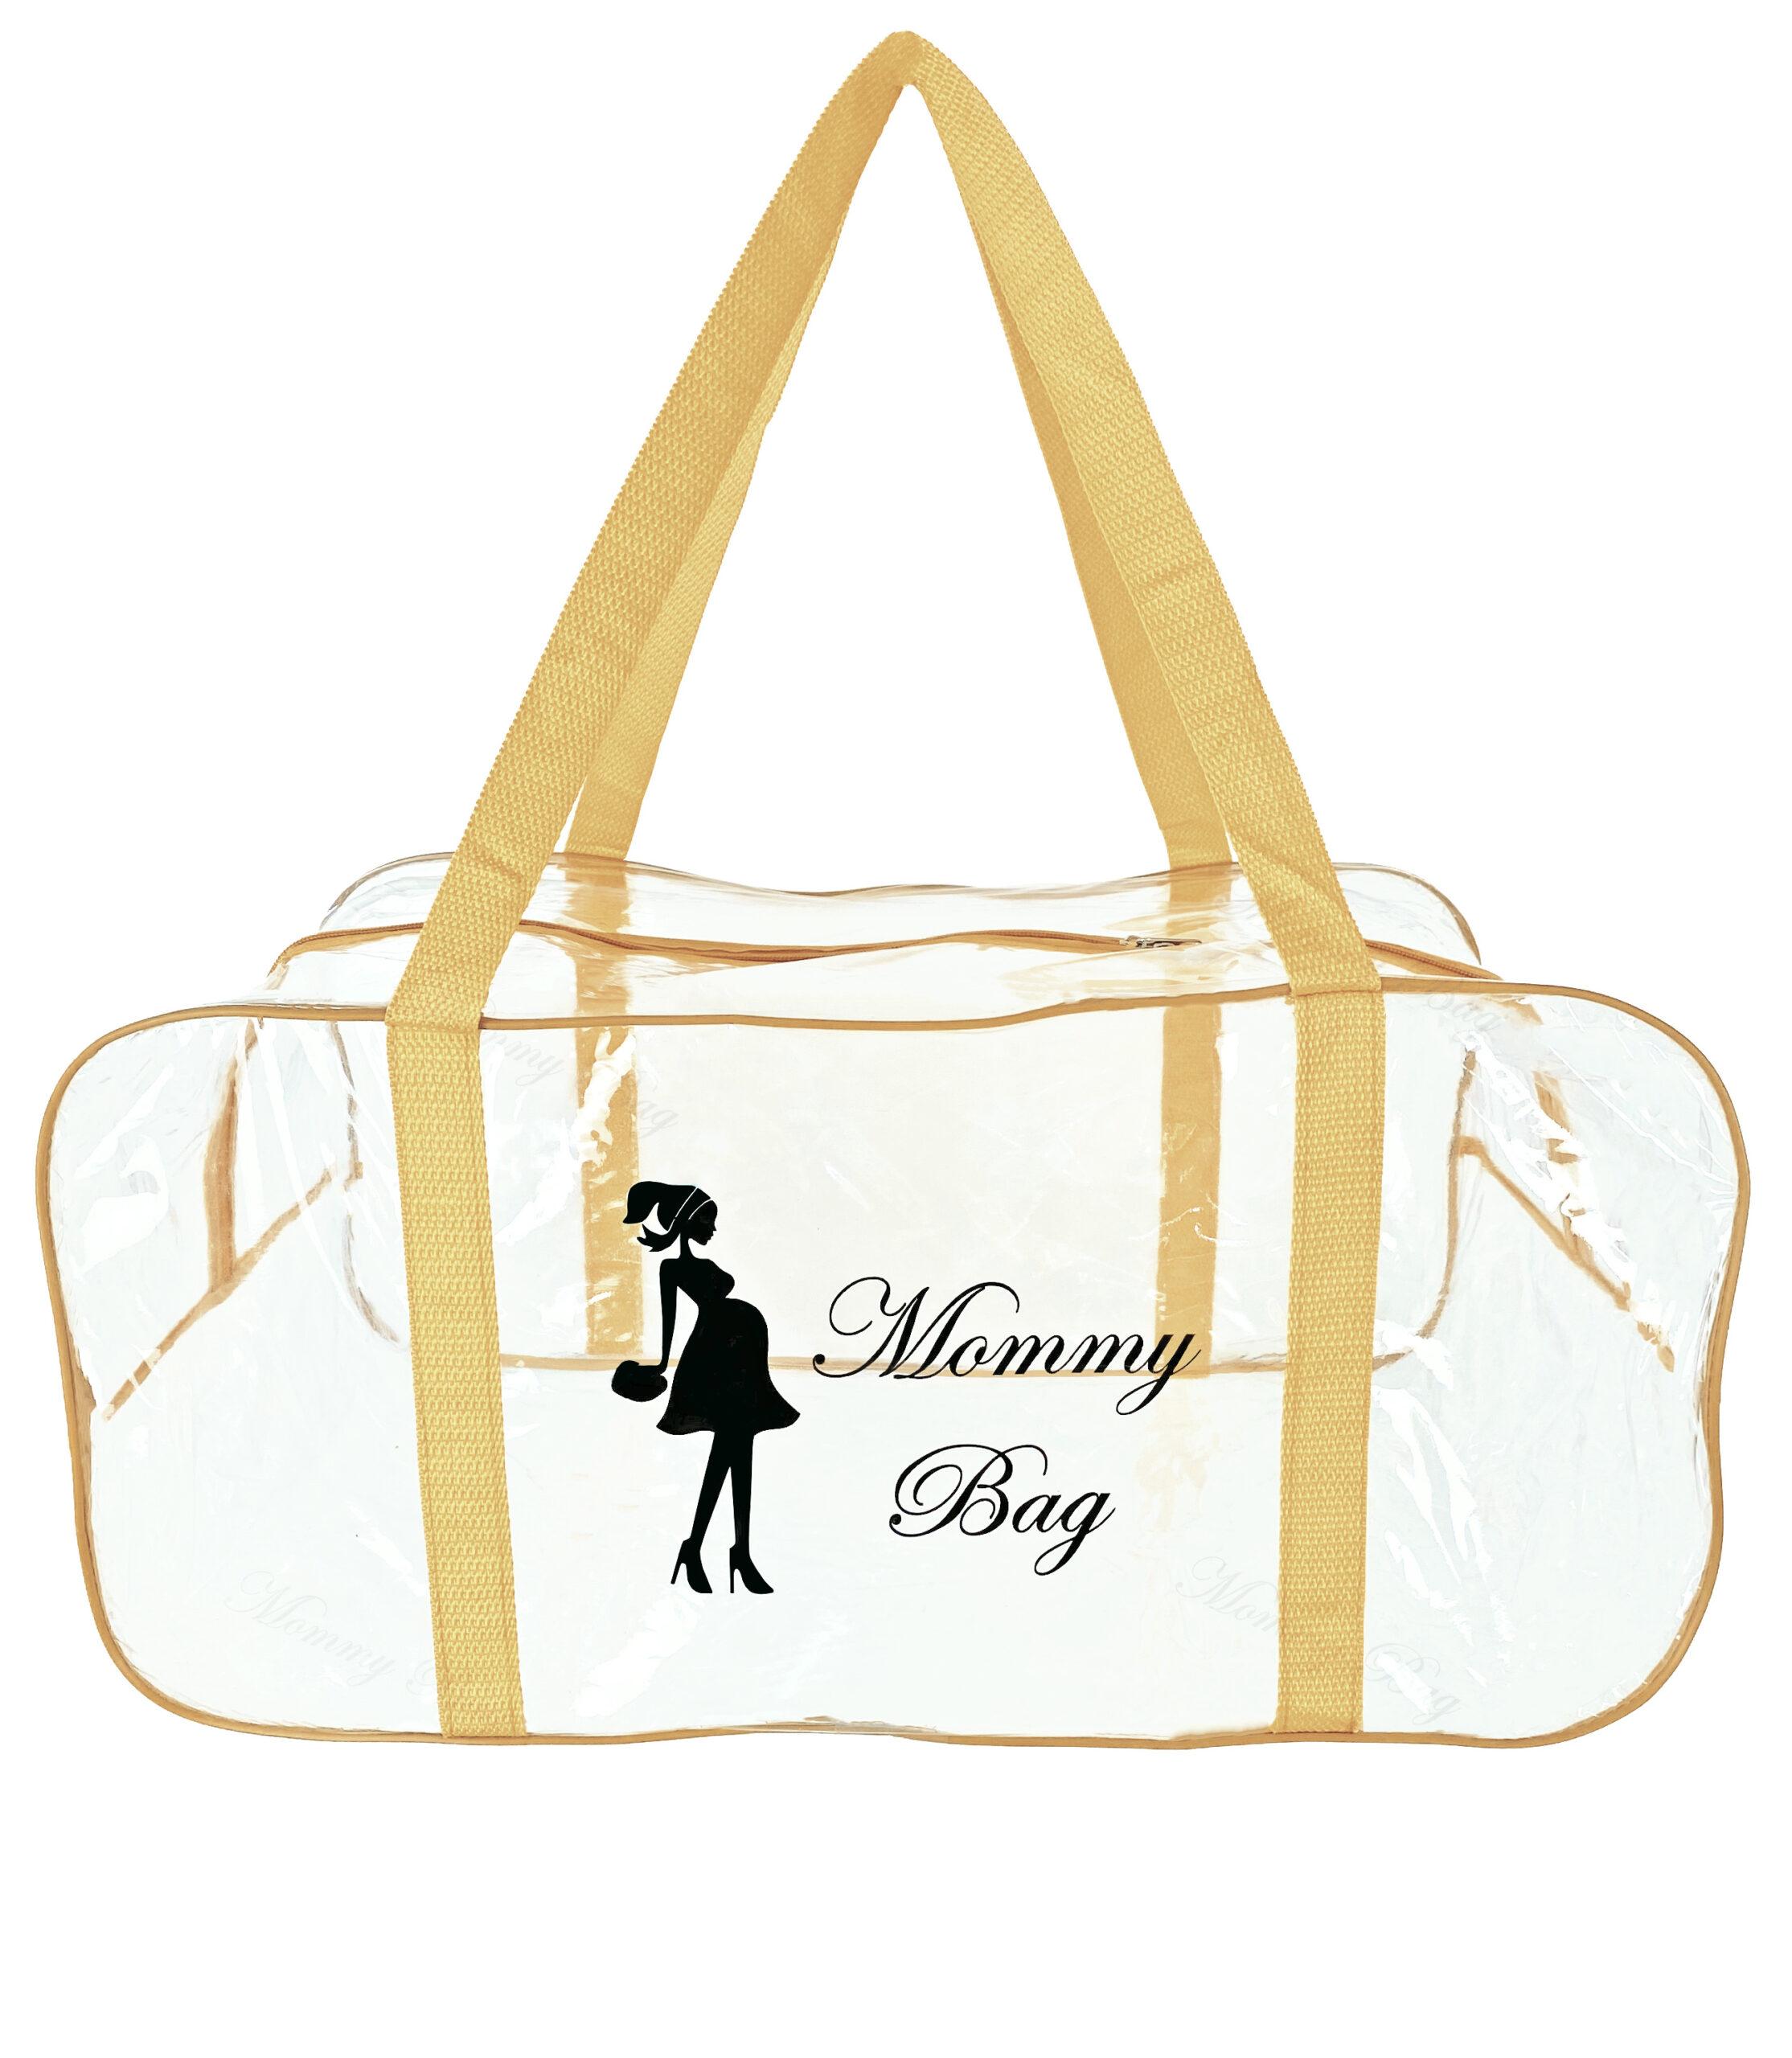 Набір з прозорих сумок в пологовий будинок Mommy Bag, колір сумки - Бежевий. Зображення 6